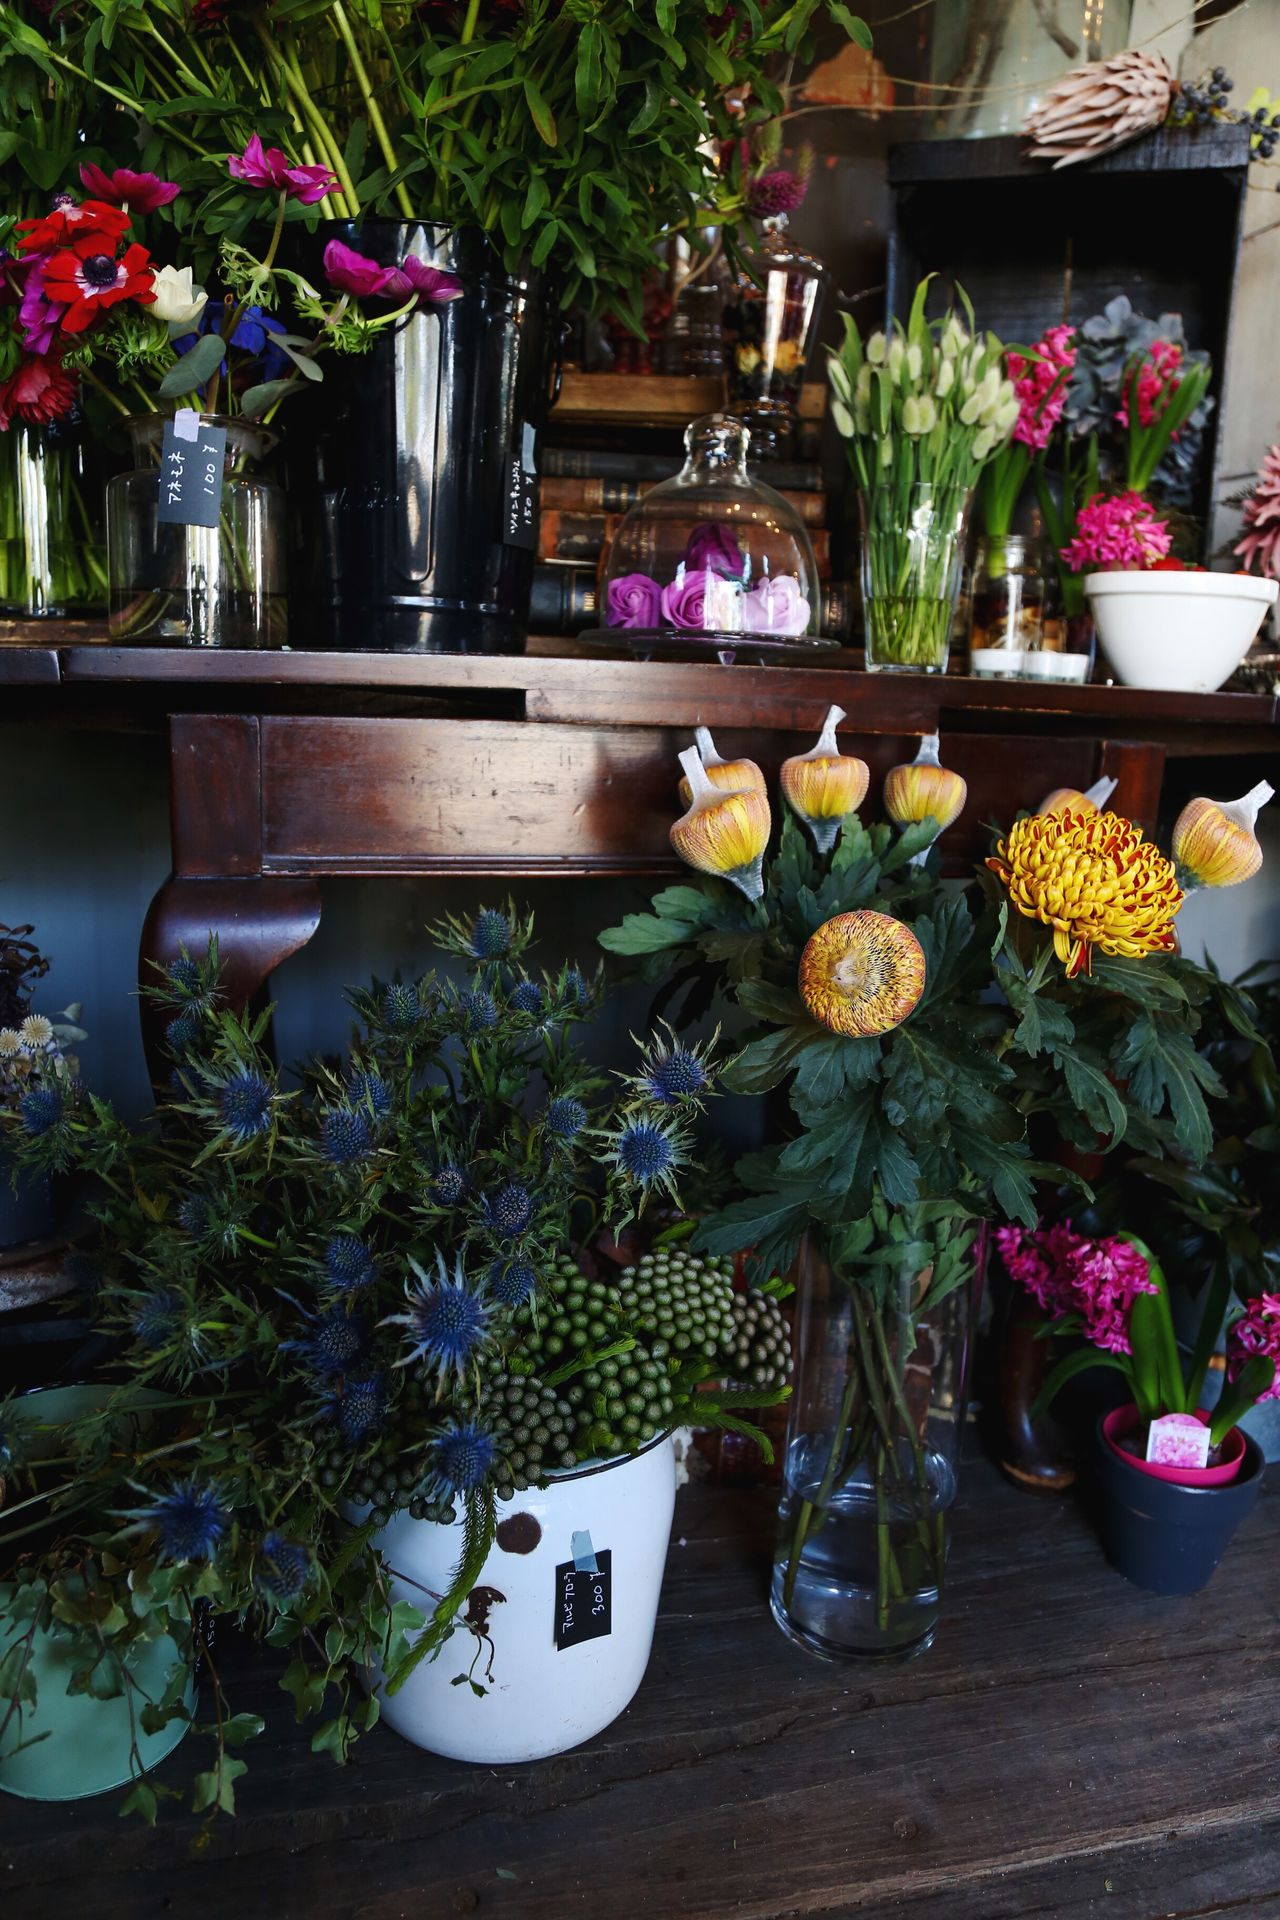 at Shandelle Flower Potted Plant Flower Pot Flower Arrangement Flower Shop Antique Colorful Plant Flower Arrangement Beautiful Japan No People PLZ FOLLOW ME